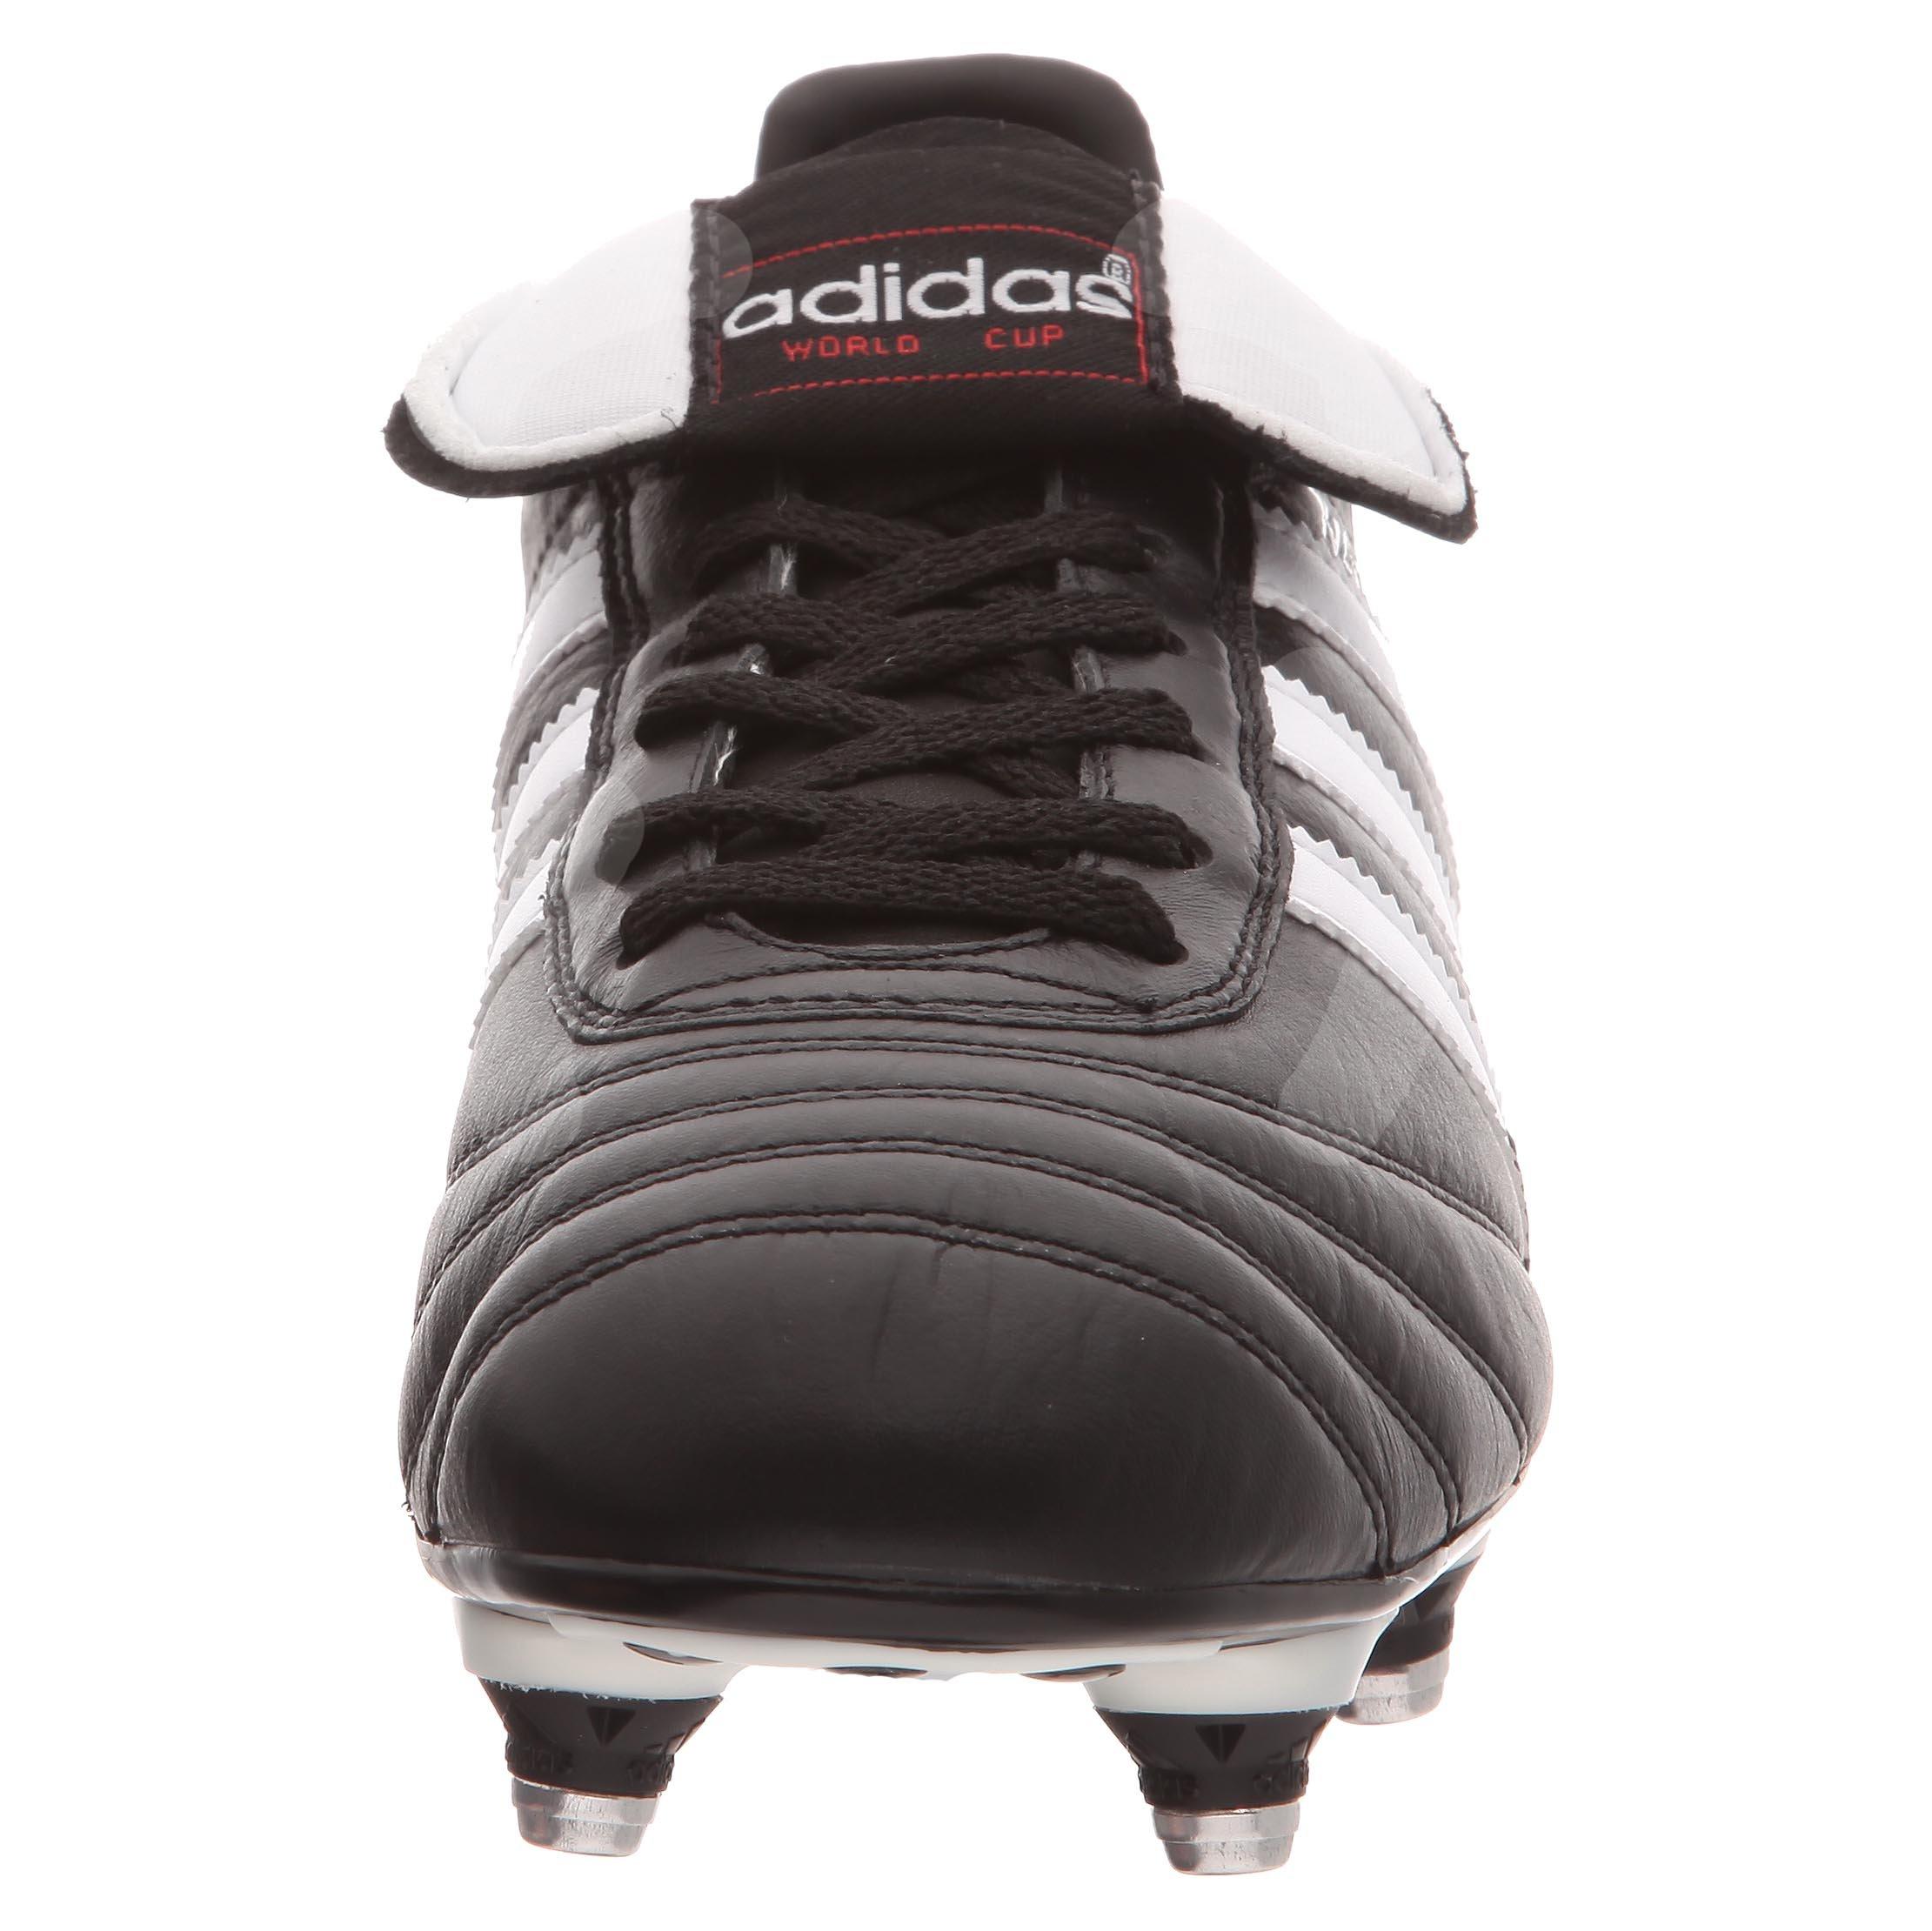 adidas World Cup, Scarpe da Calcio Uomo^Donna FACESHOPPING